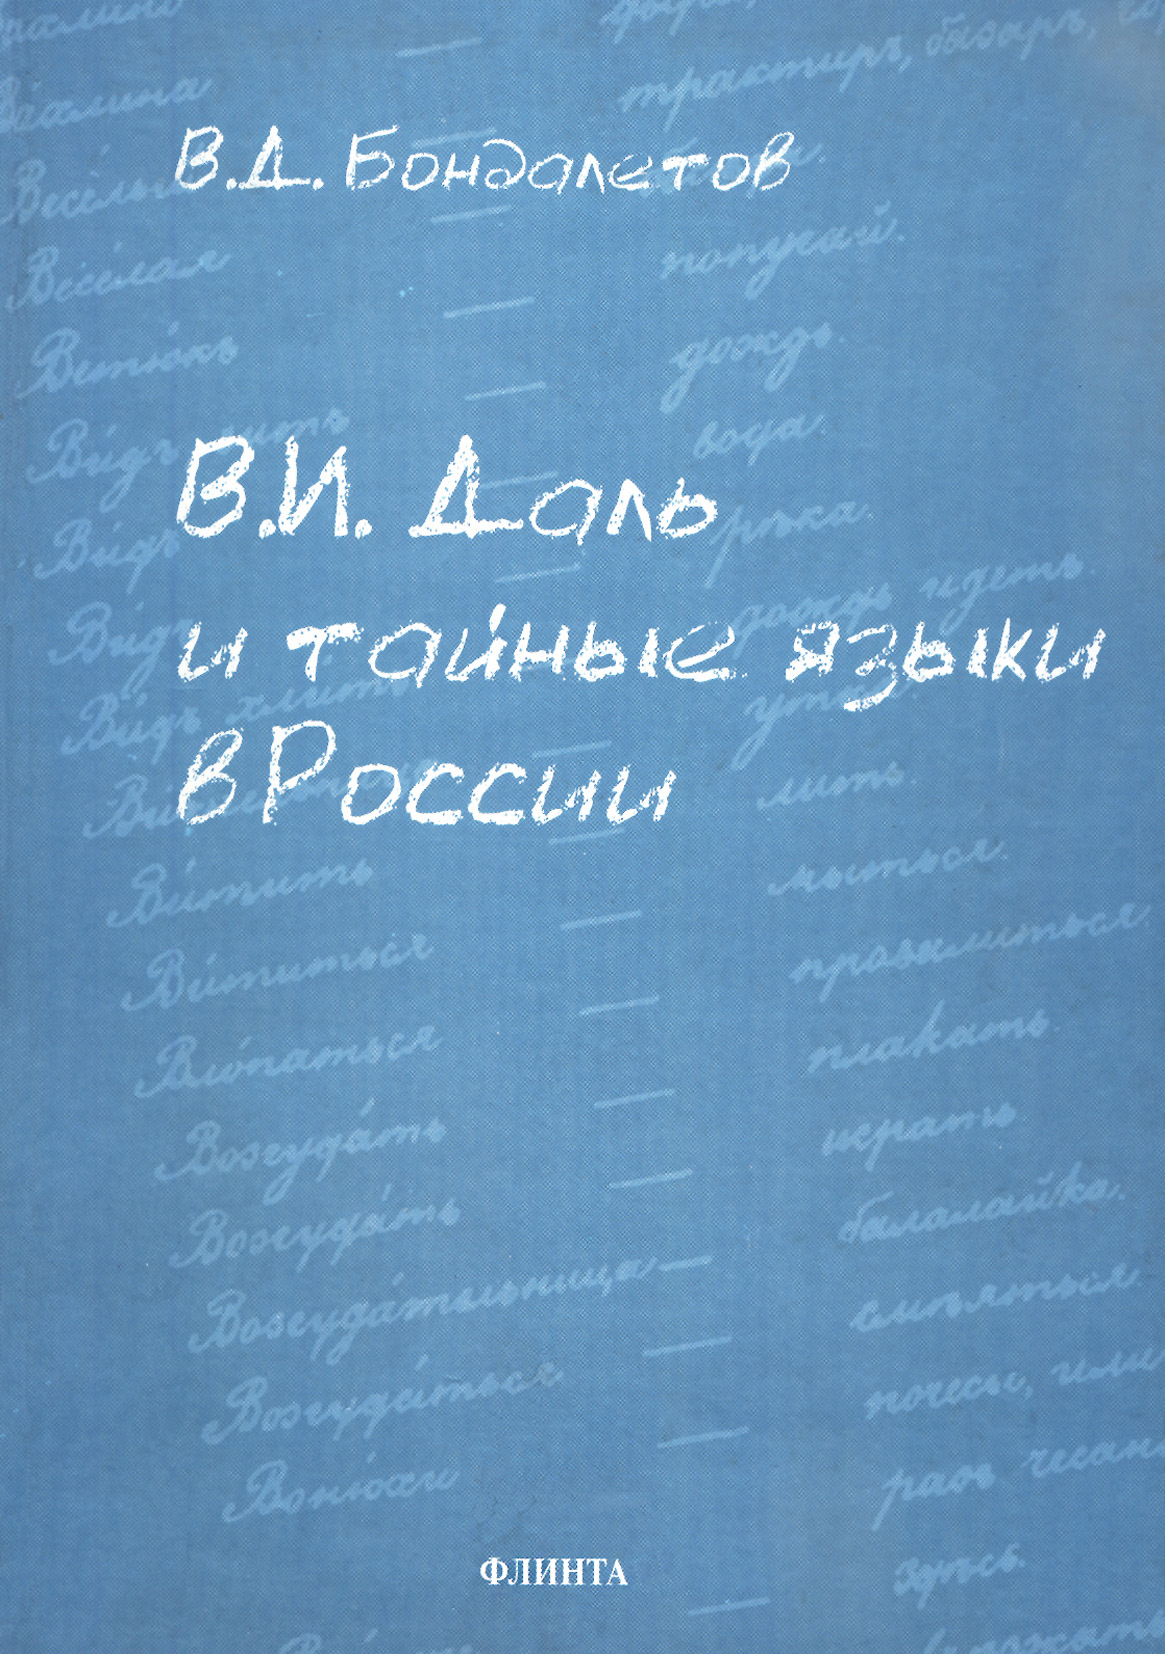 В. И. Даль и тайные языки в России фото